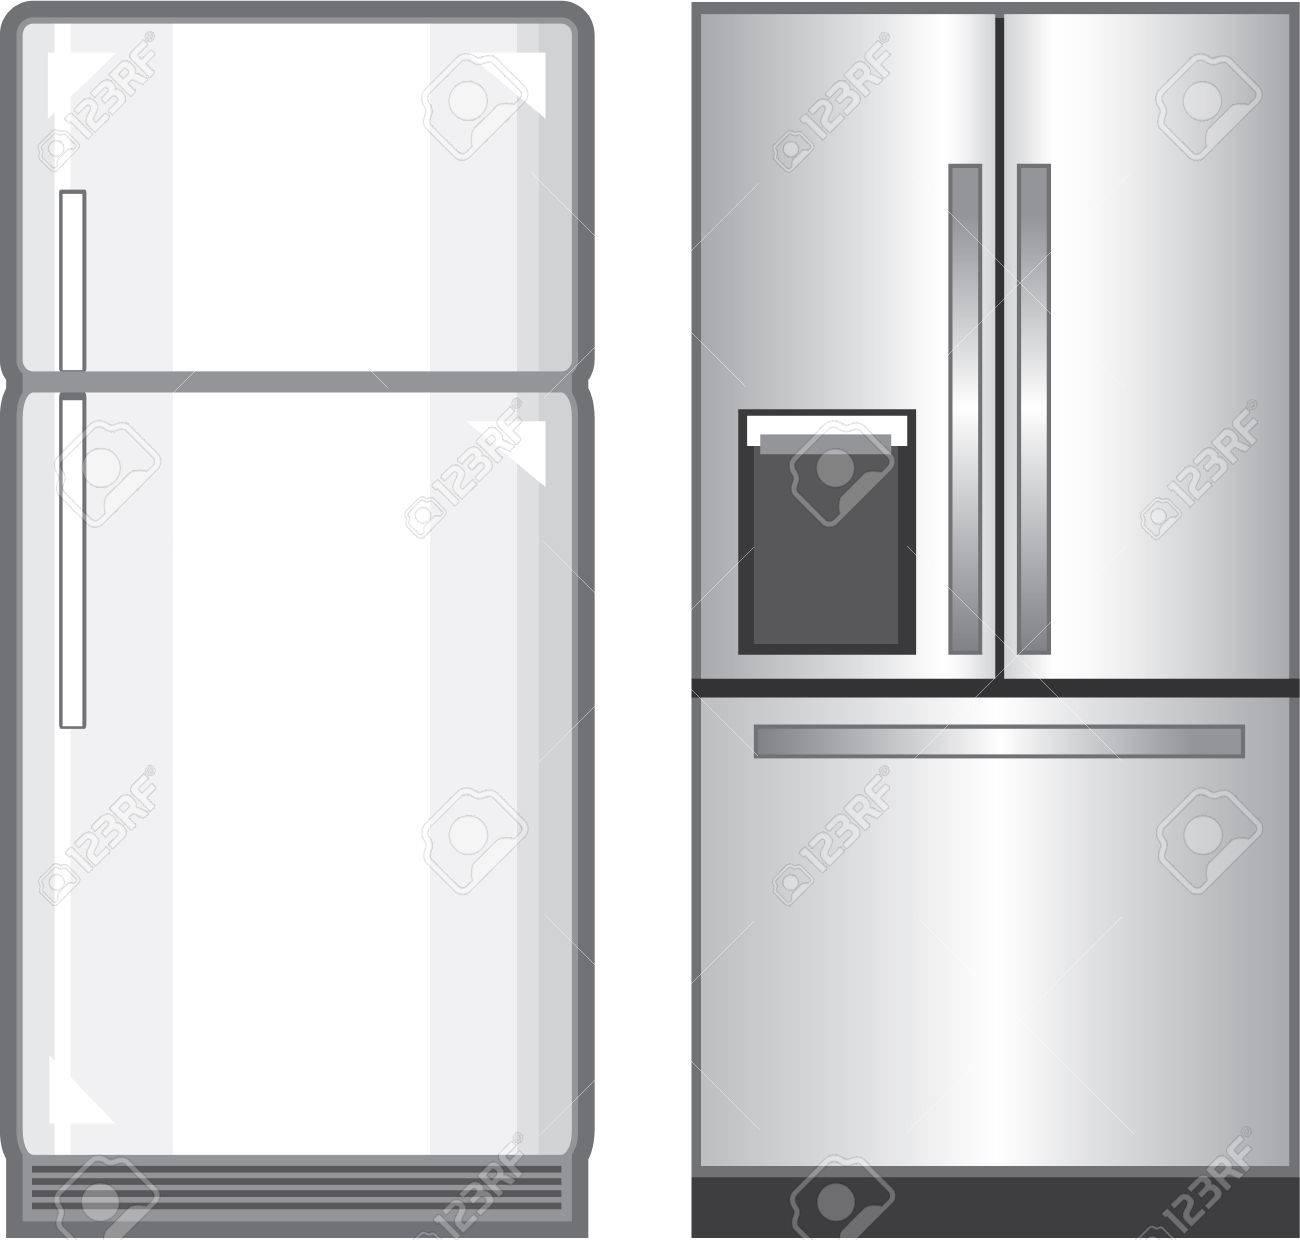 Refrigerator illustration clip-art image vector Stock Vector - 69966275